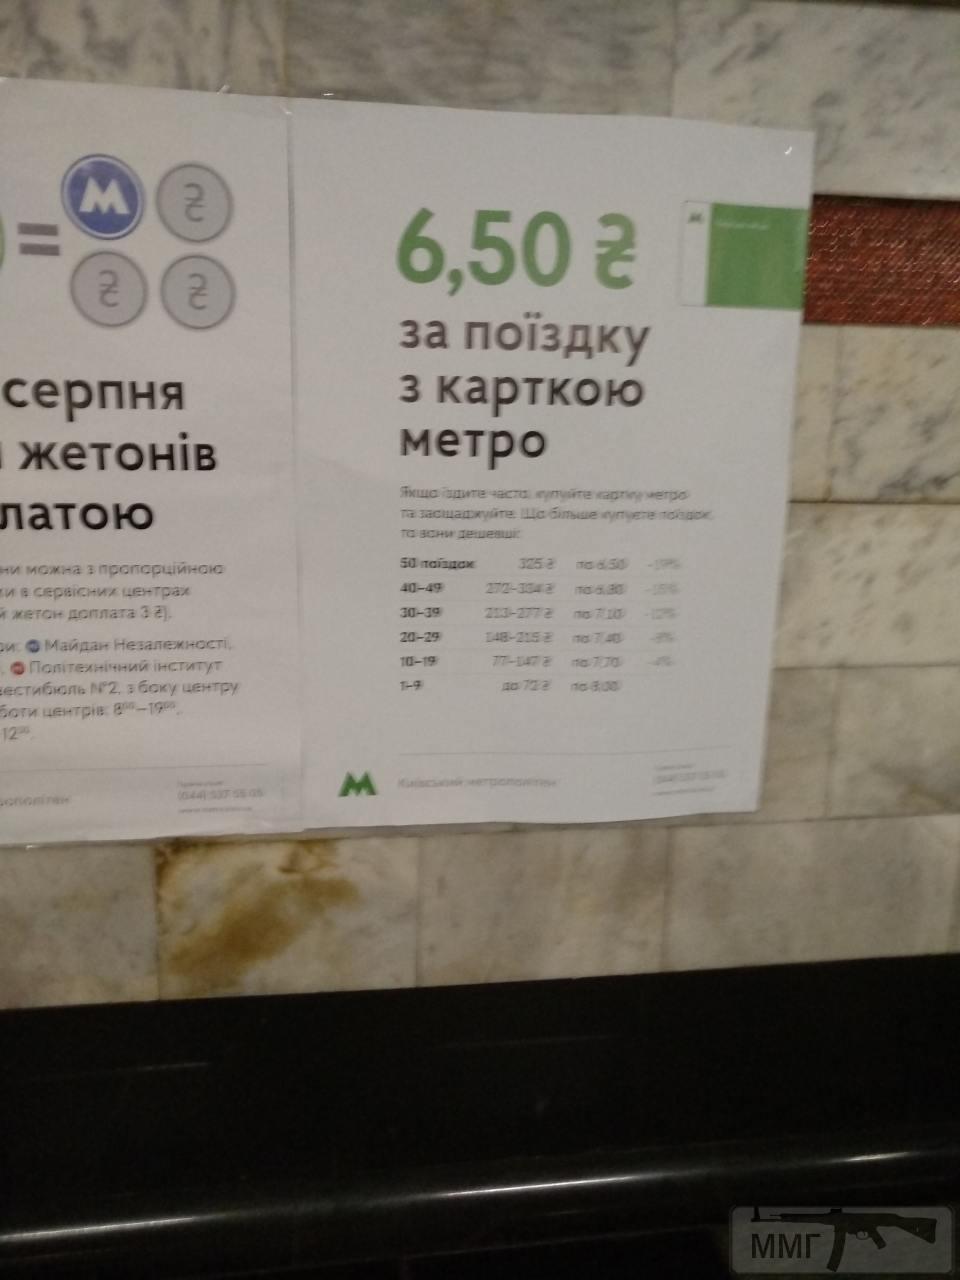 31364 - Украина - реалии!!!!!!!!